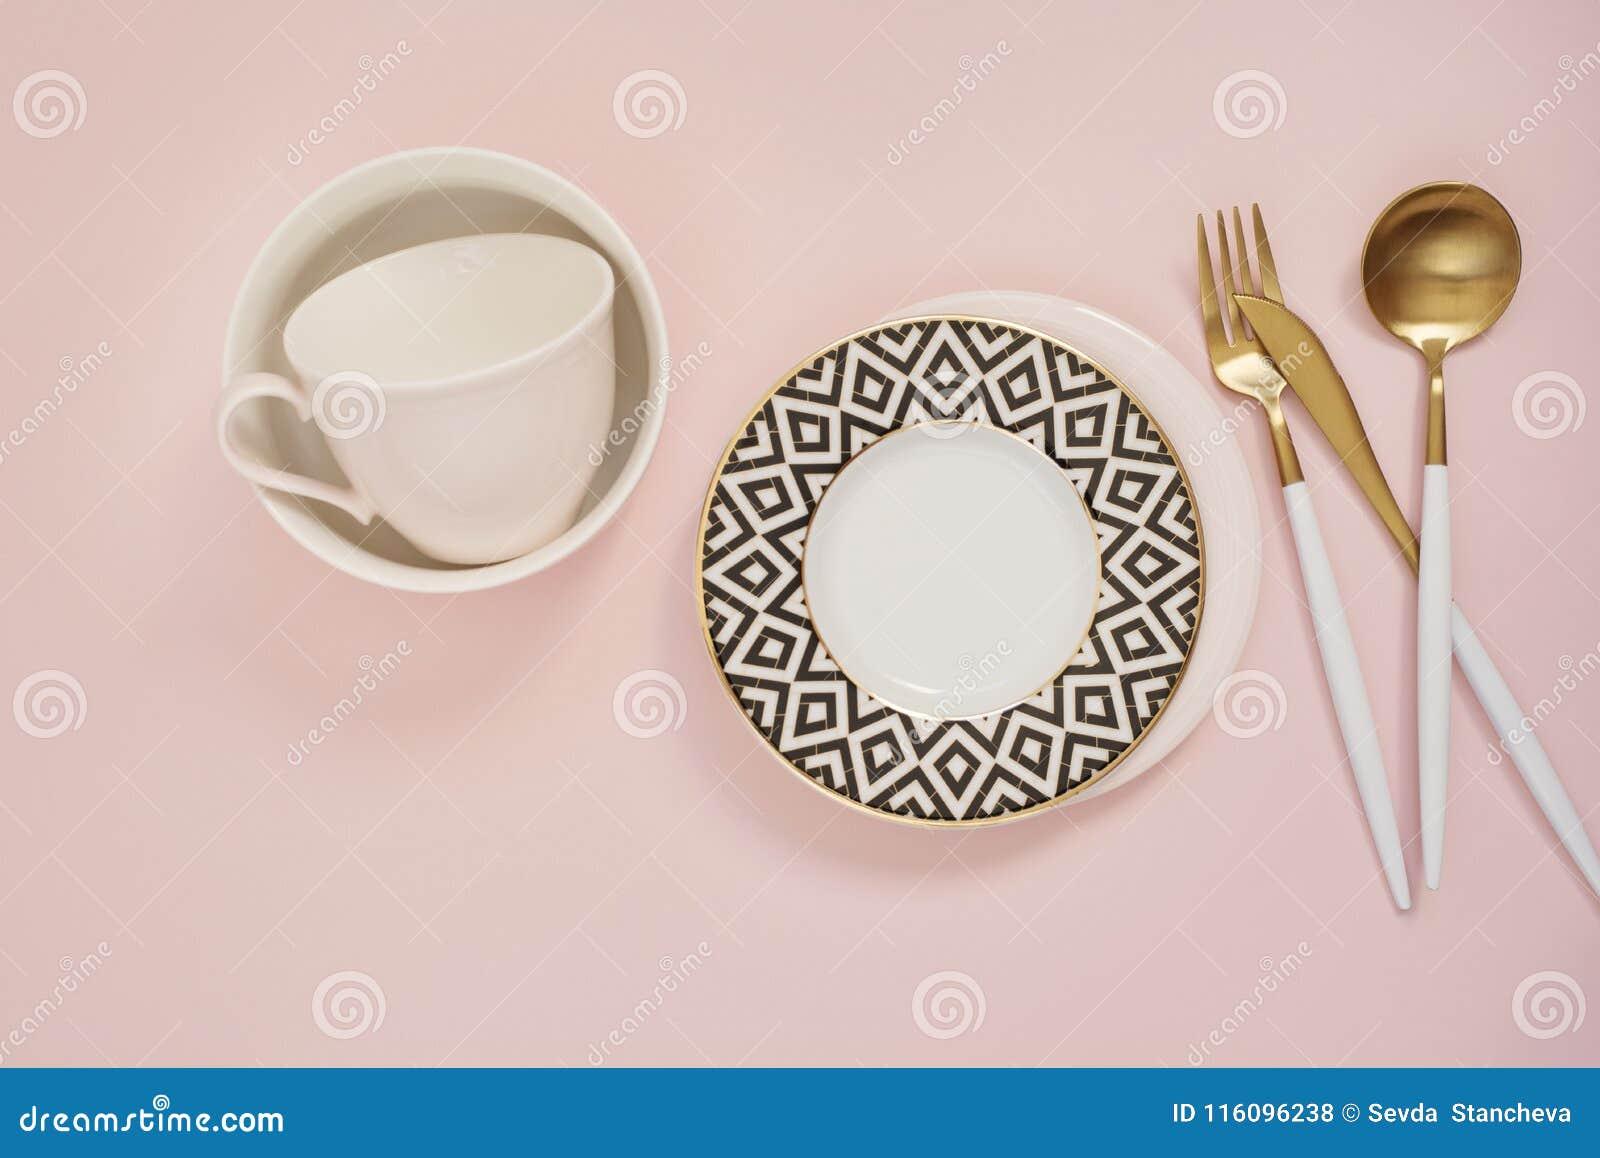 Goldtischbesteck Goldener Loffelsatz Goldenes Messer Loffel Gabel Kaffeetasse Und Leere Teller Auf Dem Tisch Gesetzte Spitze Stockfoto Bild Von Gabel Messer 116096238